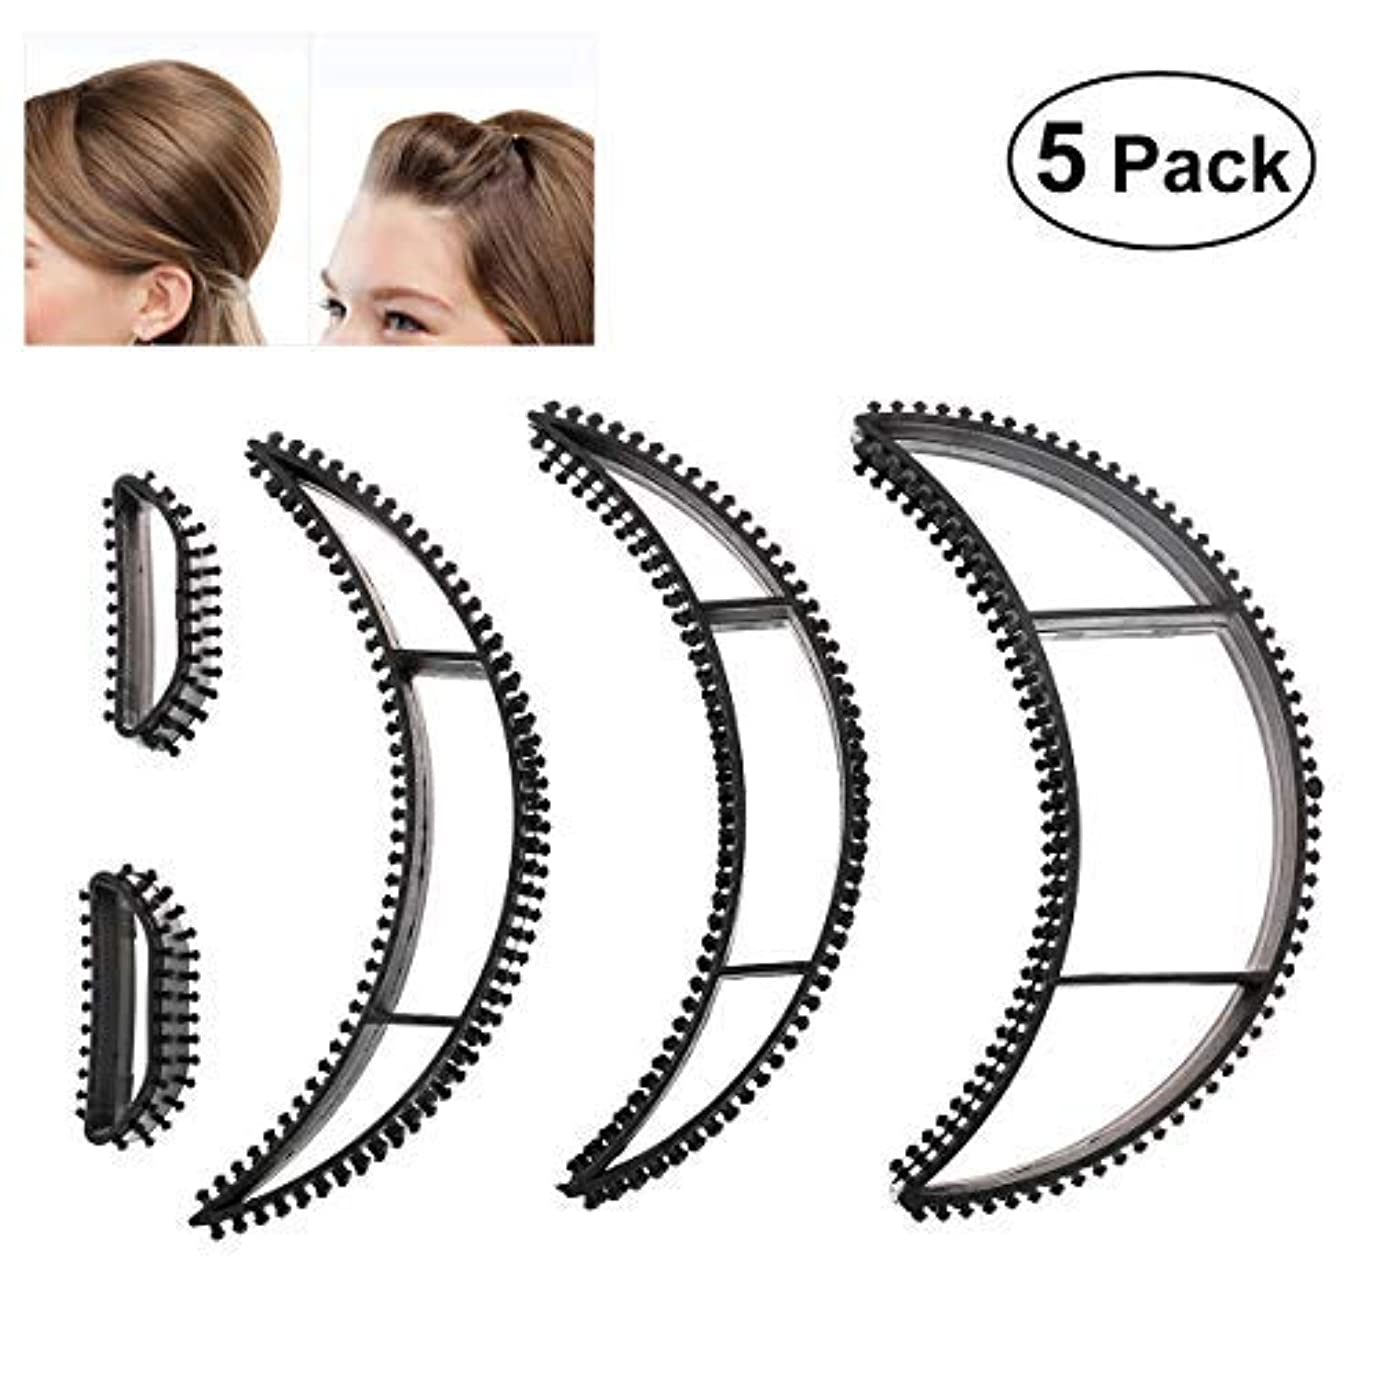 液化するアルネ細胞Tinksky Big Bumpits Happie Hair Volumizing Inserts Hair Pump Beauty Set Tool Gift,Pack of 5 (Black) [並行輸入品]